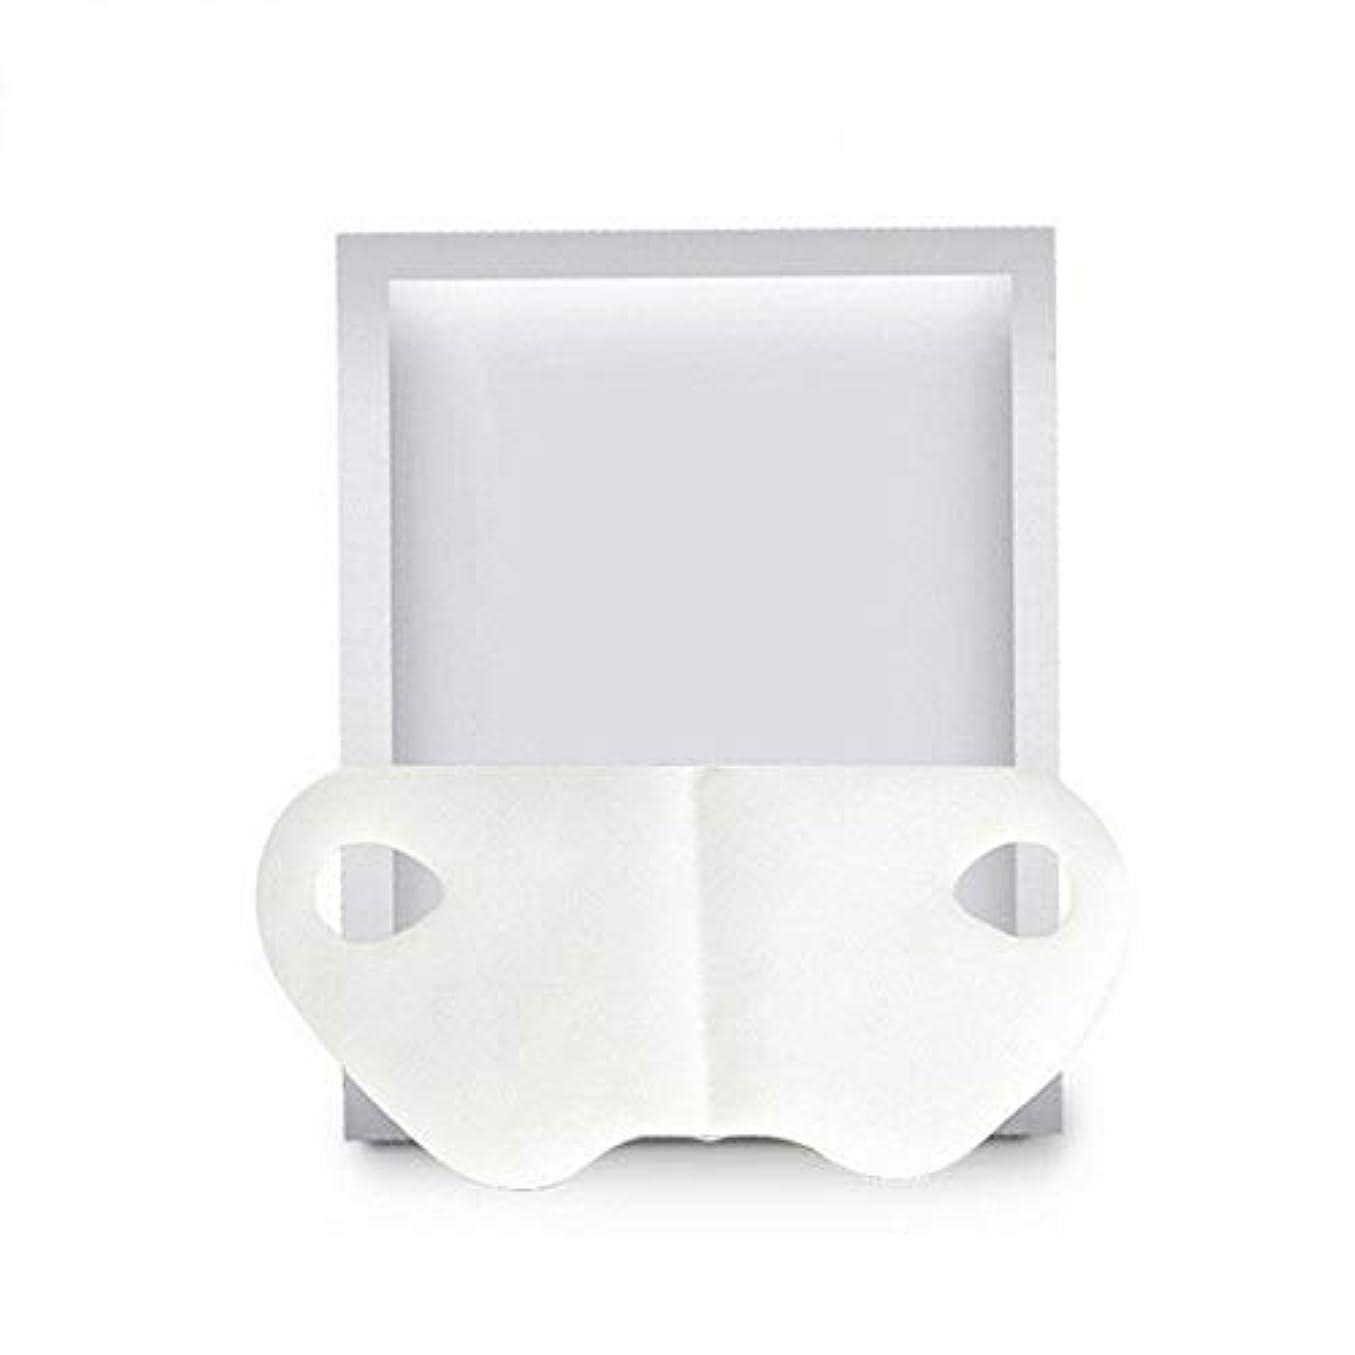 横たわるサルベージエジプト人Funtoget   保湿フェイスファーミングマスクをホワイトニングするV字型スリミングフェイスマスク